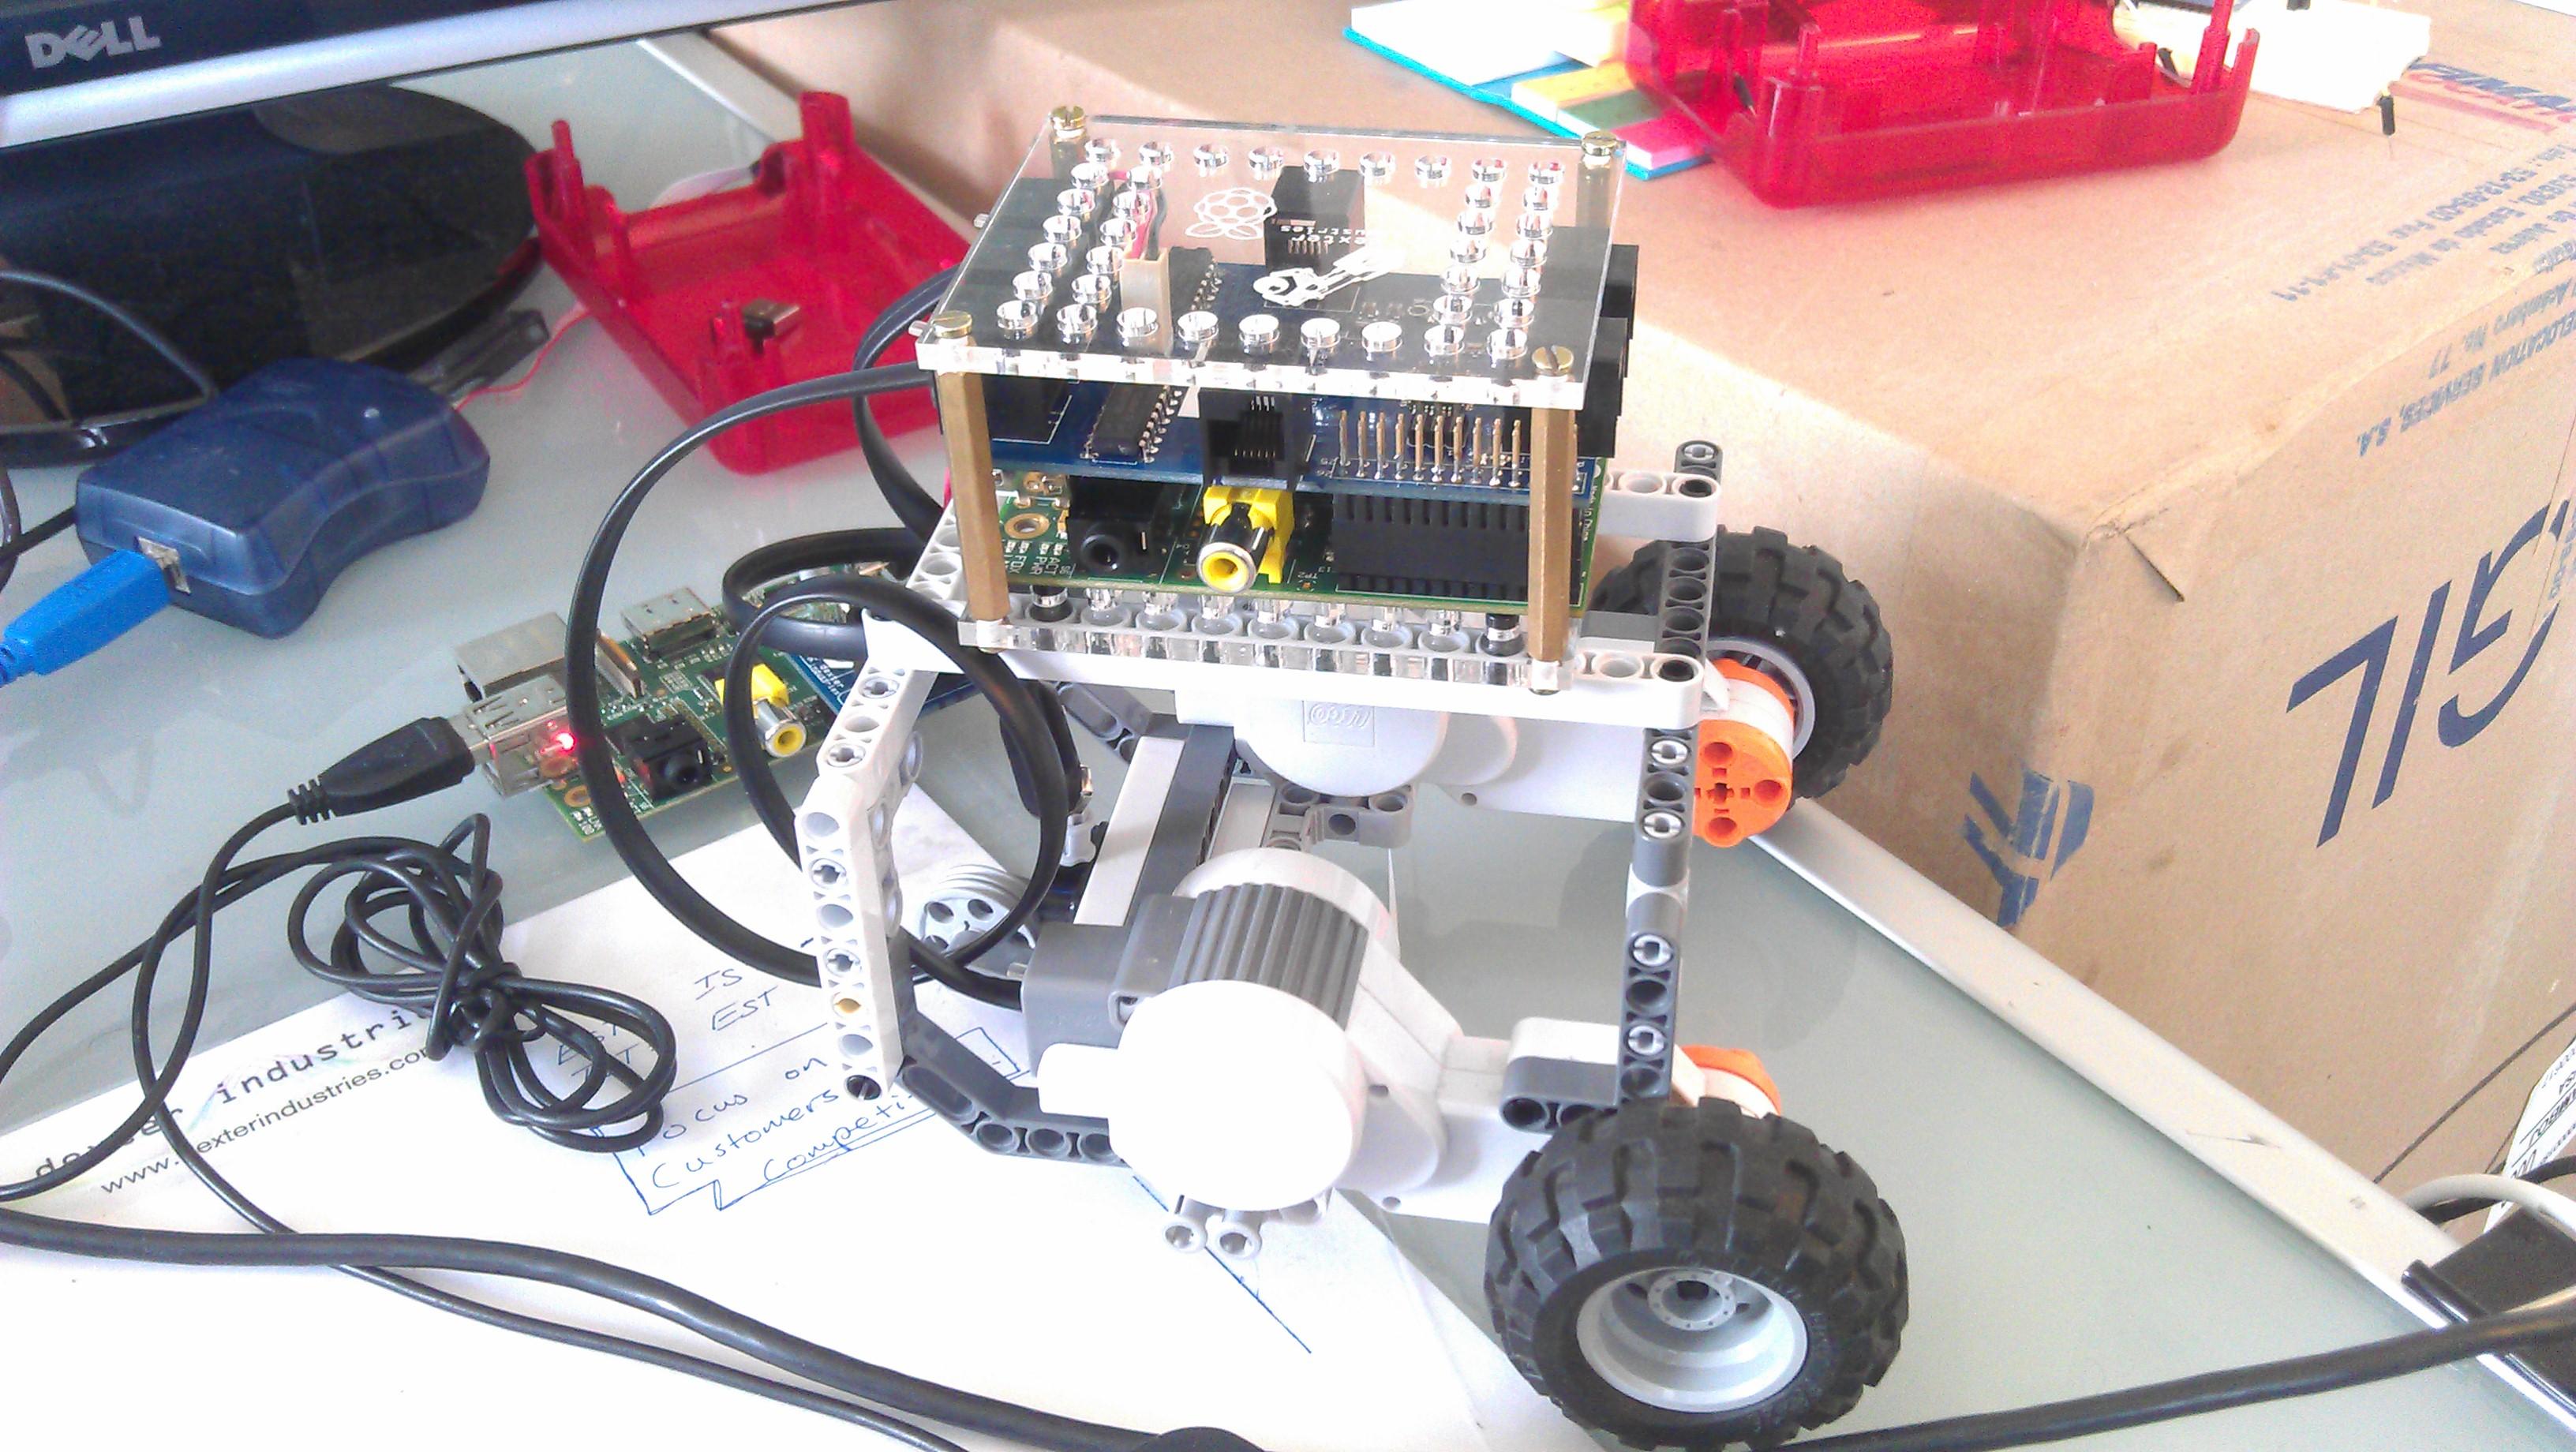 BrickPi Controls Mindstorms Bots With a RasPi